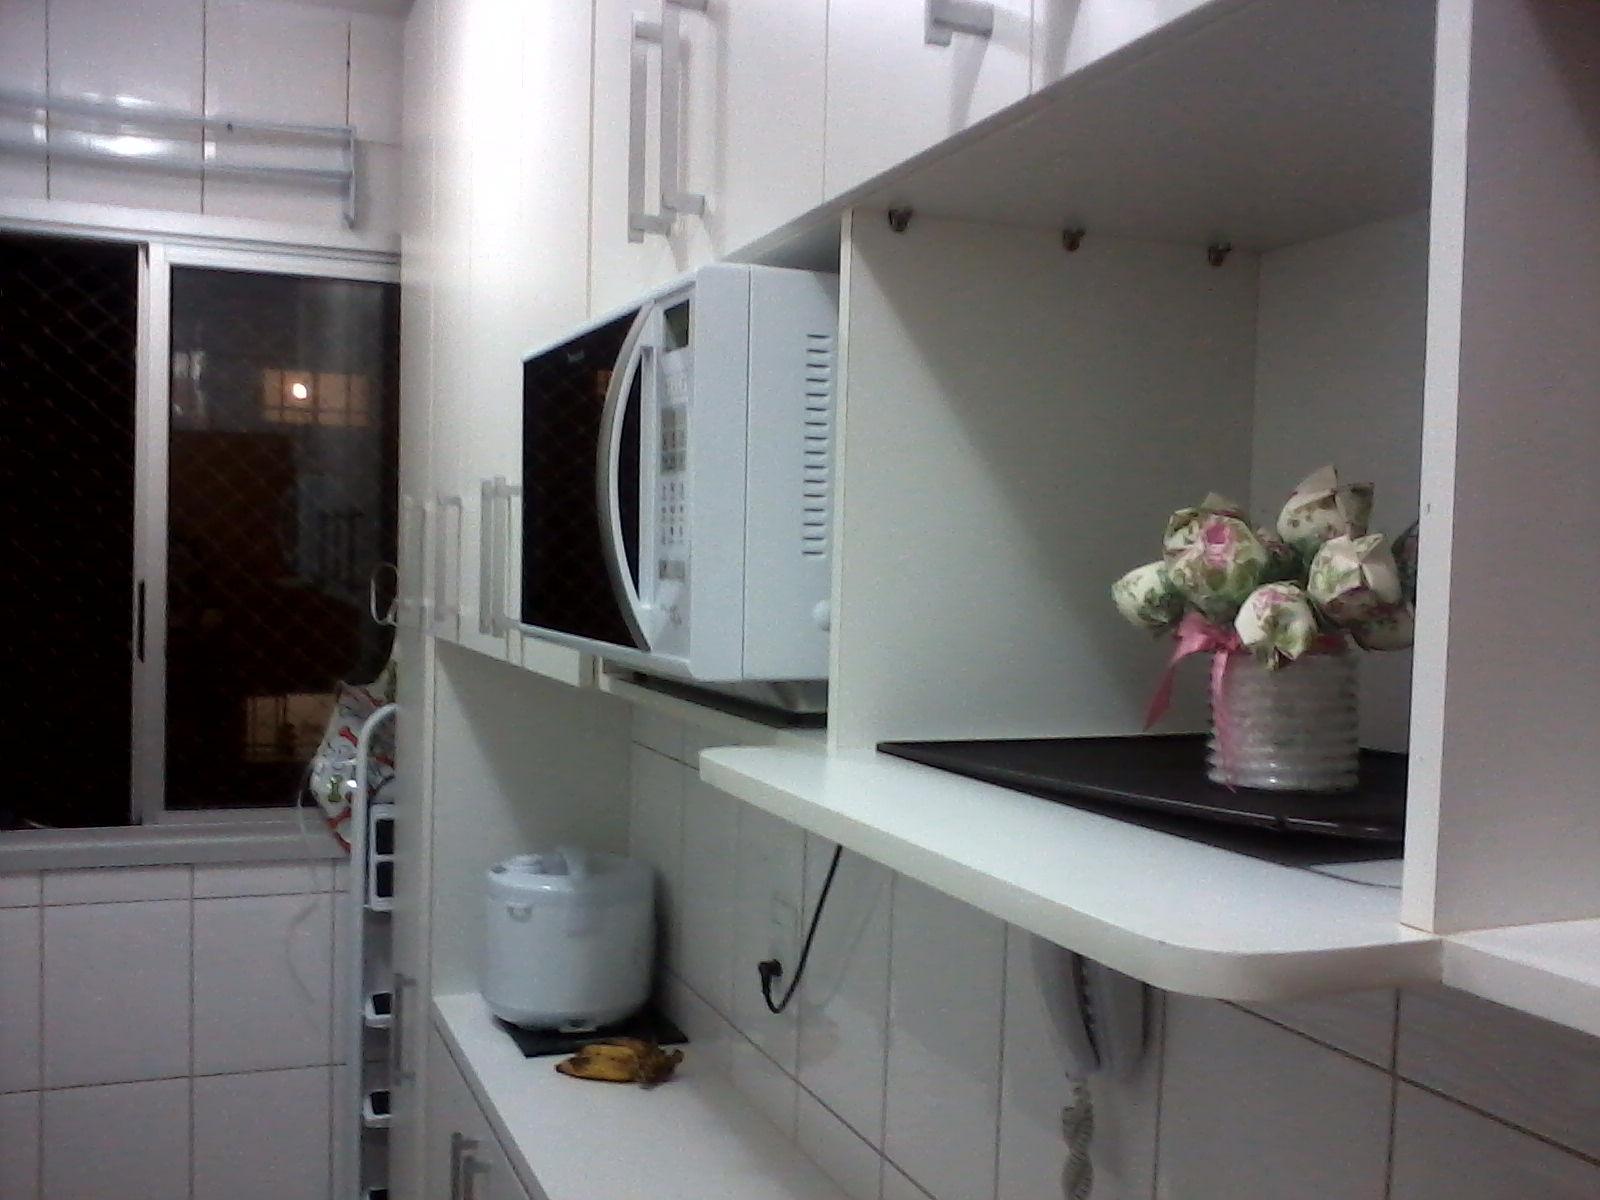 Cozinha Com Depurador De Ar Gente O Cheirinho De Frituras E  ~ Balcão De Cozinha Colormaq Acoifa Pequena Para Cozinha